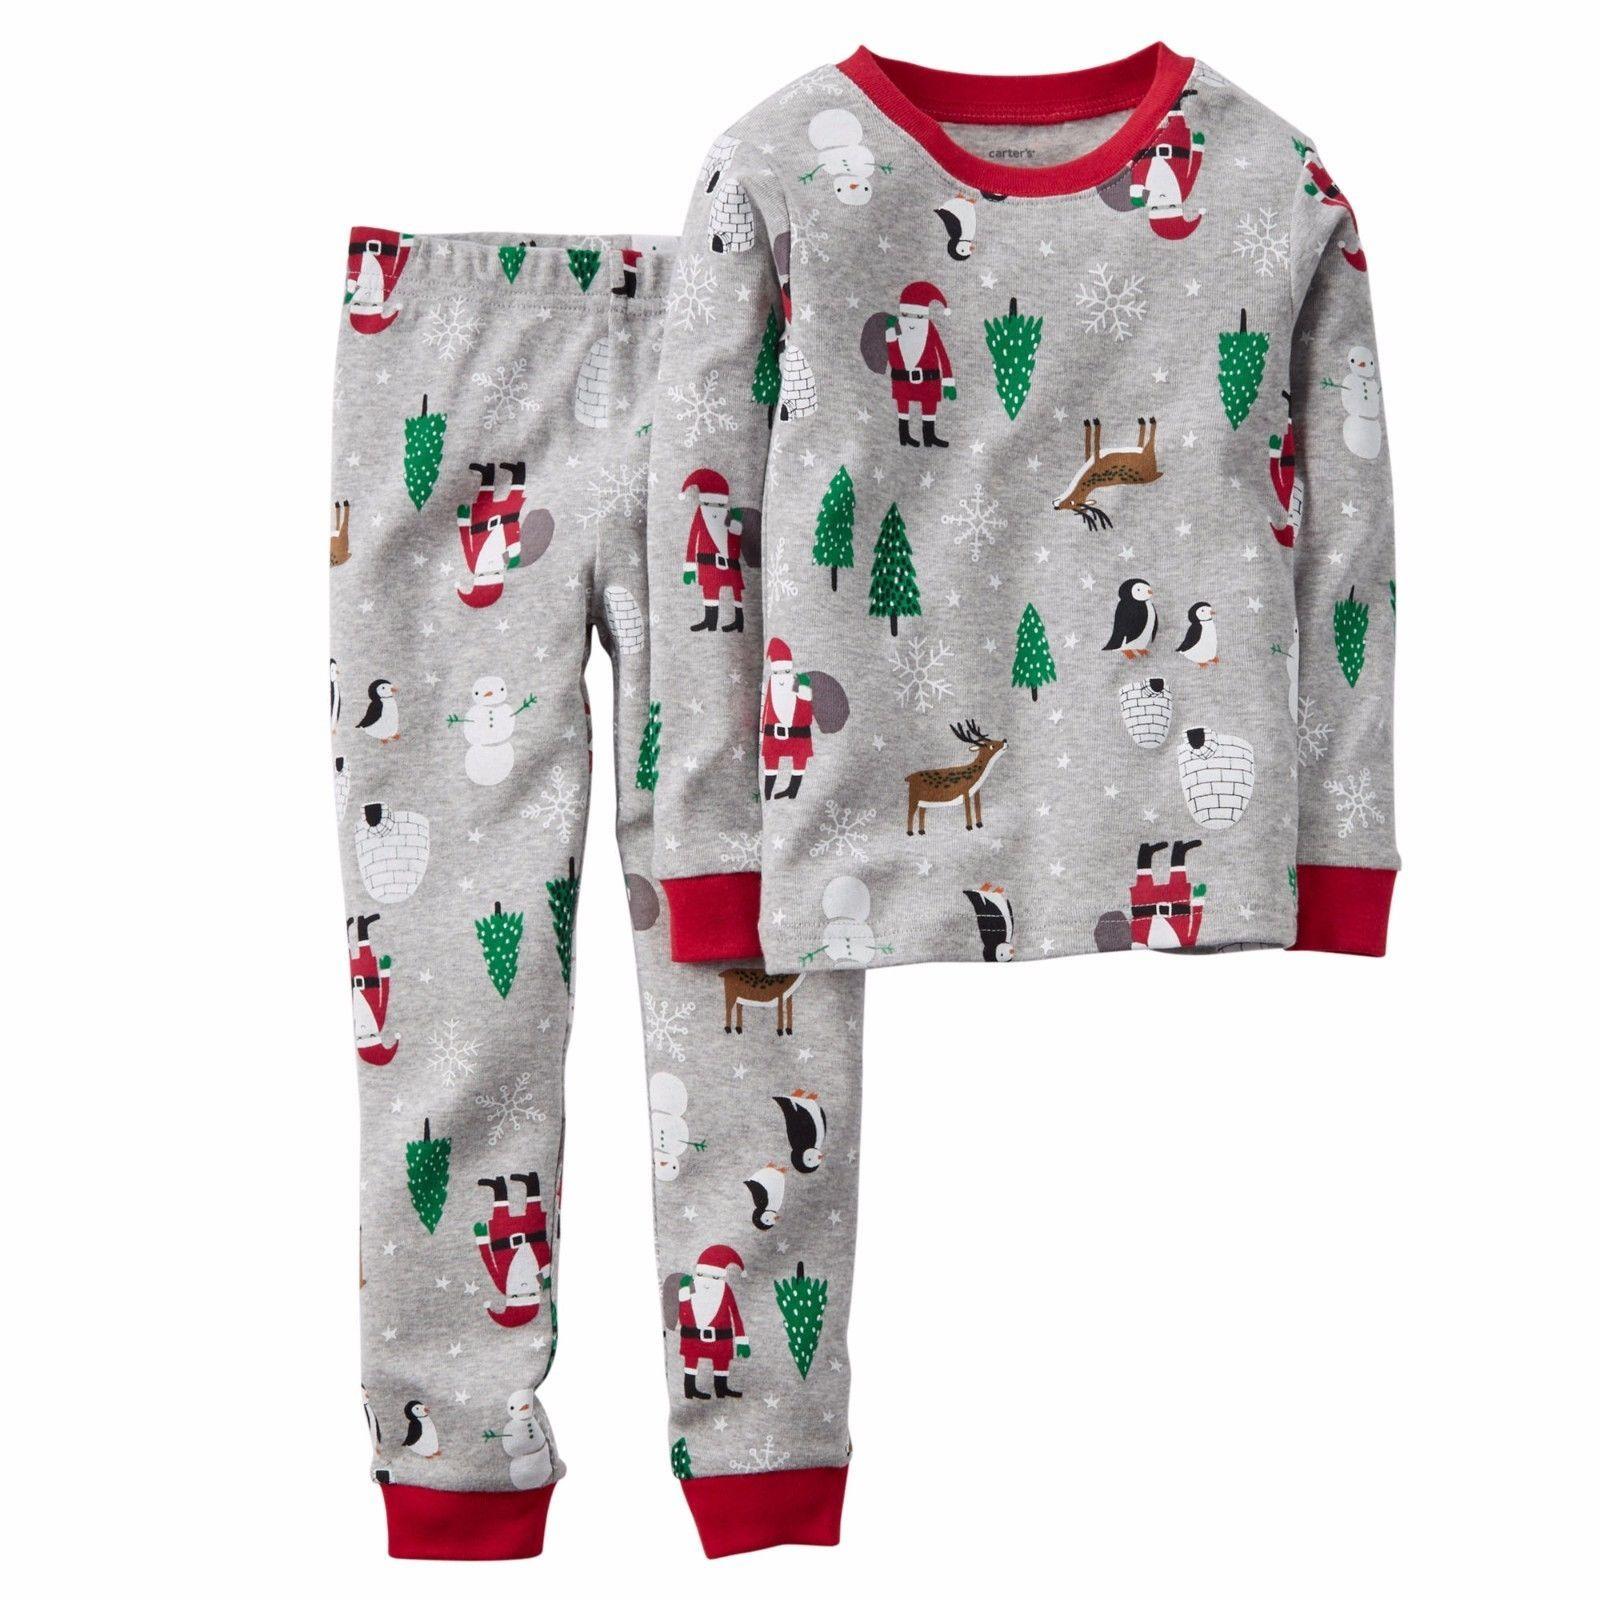 Carter\'s Pajamas: 130 listings